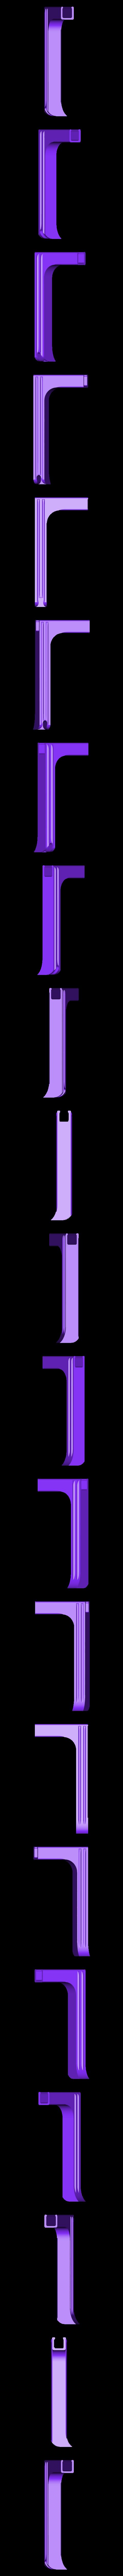 rigidbot_spool_tower-LEFT.stl Download free STL file RigidBot Filament Spool Holder • 3D printer template, FrankLumien